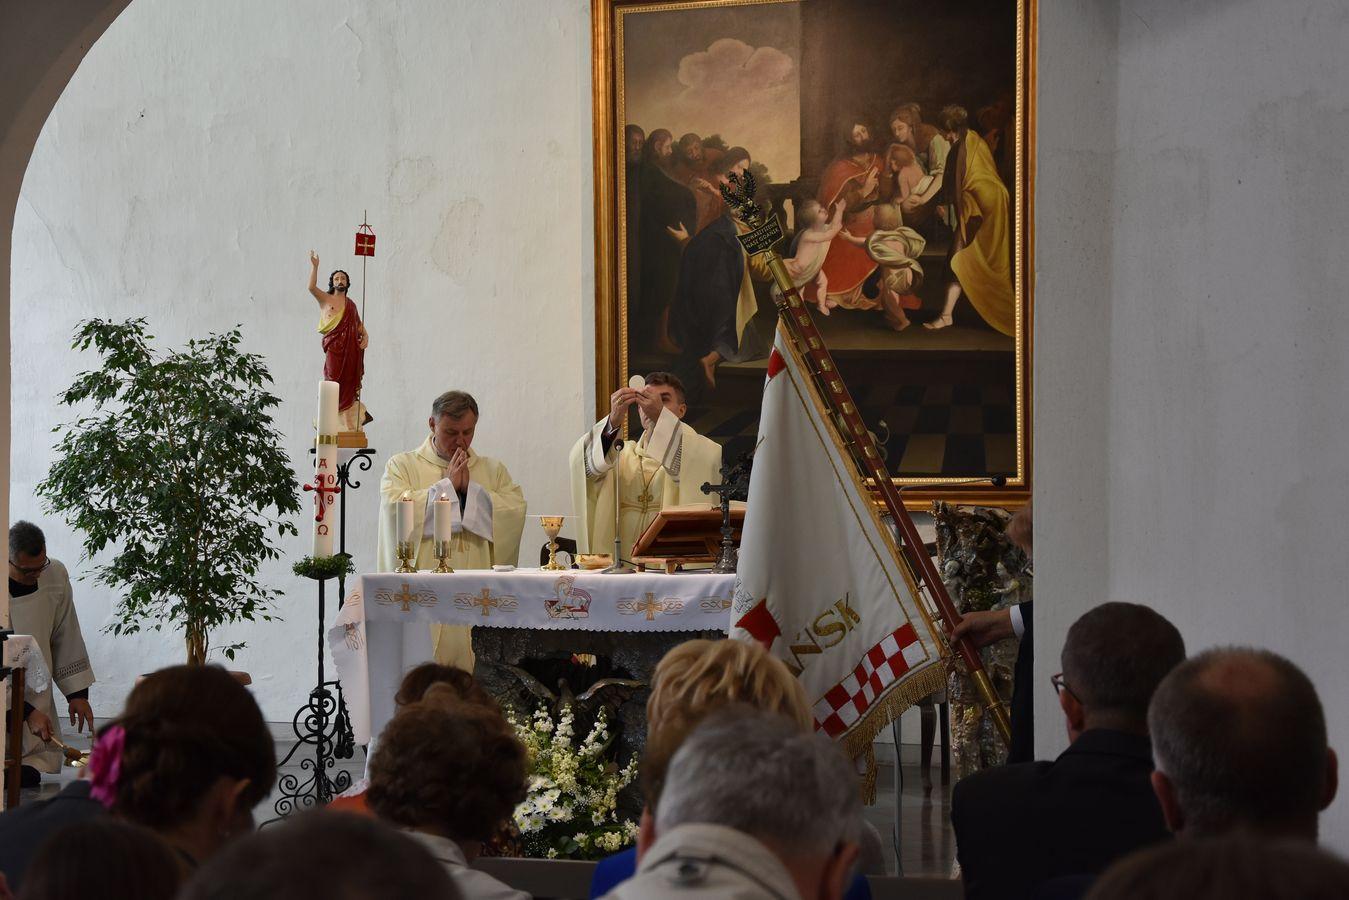 Msza św. w Kaplicy Królewskiej fot. J. Wikowski A31_7147